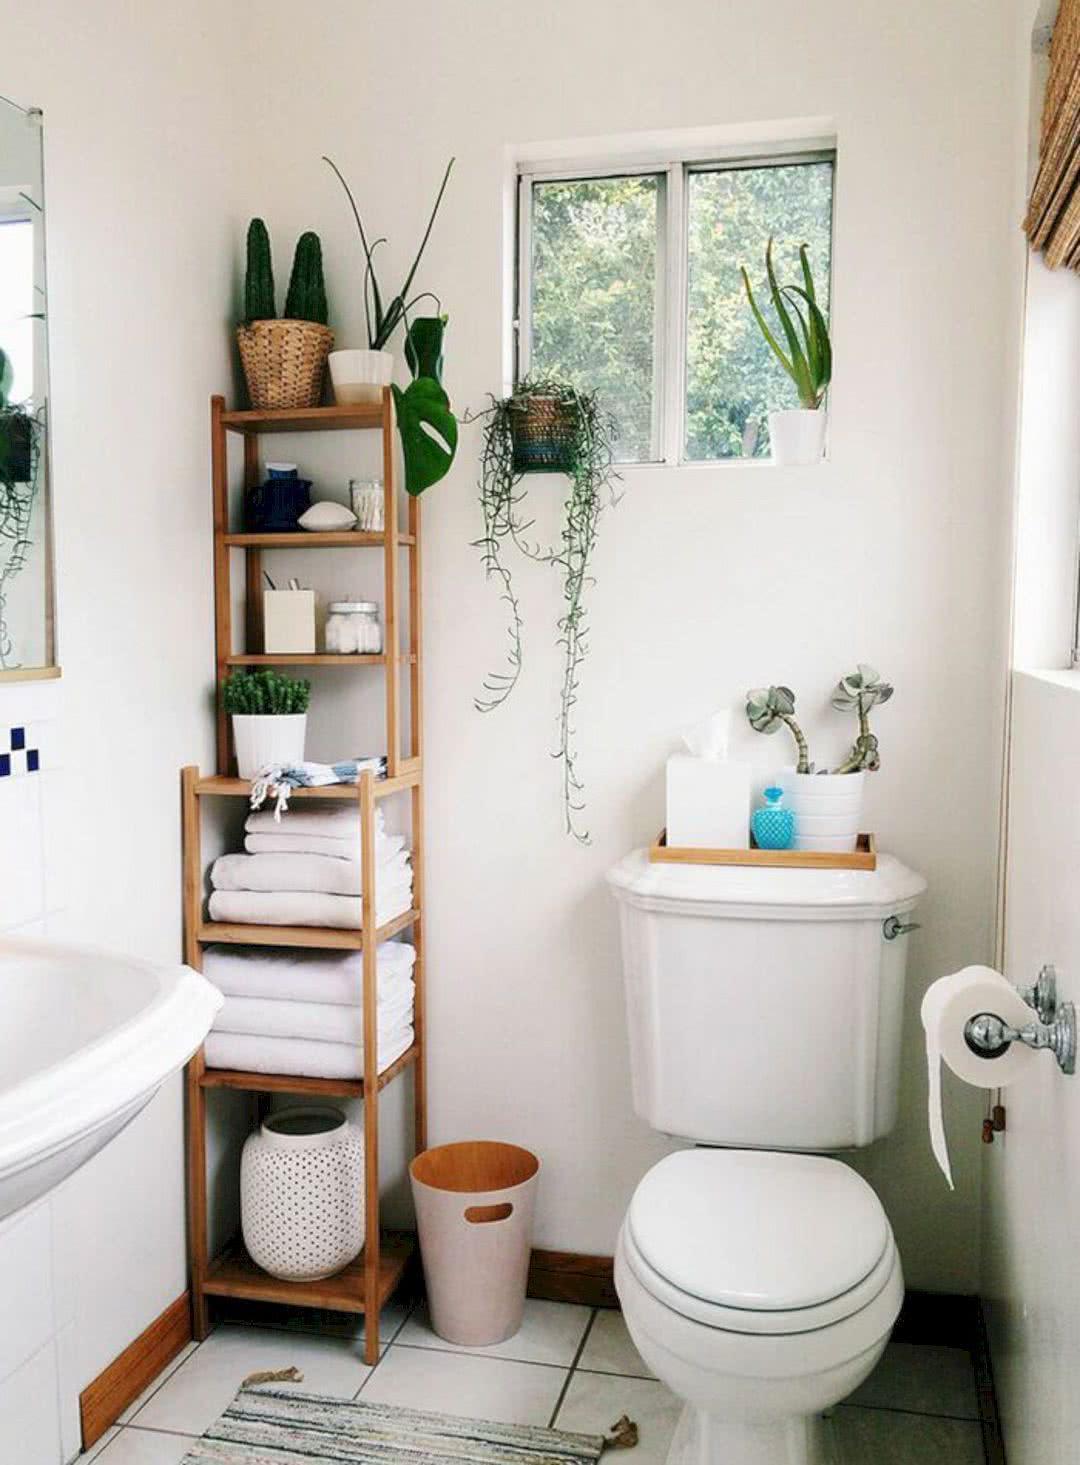 Como Colocar Las Toallas En El Bano.Armarios Para Banos Y 50 Ideas De Almacenaje Decoraideas